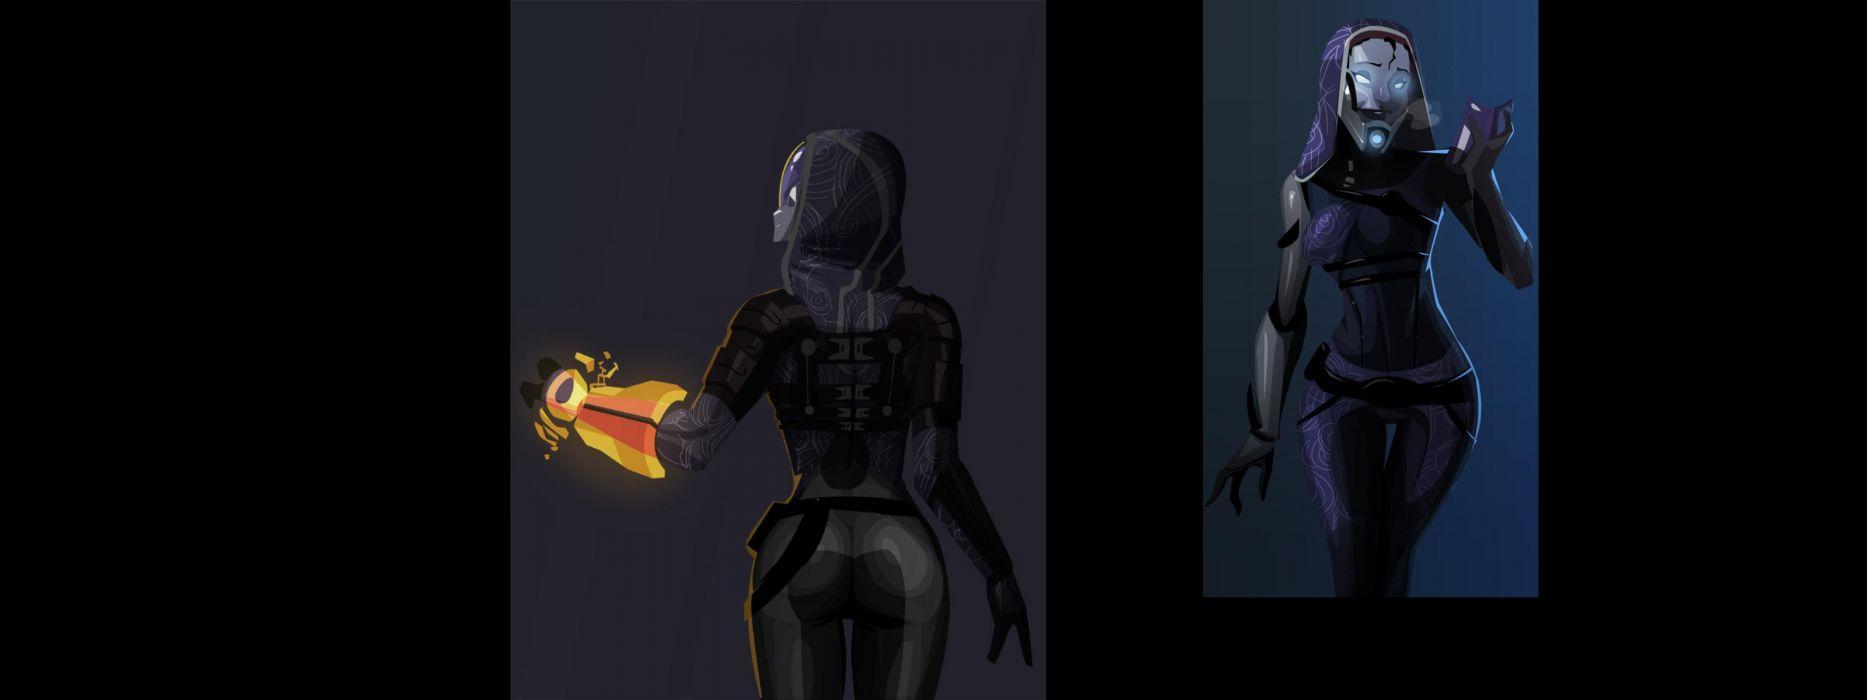 Mass Effect Tali Zorah nar Rayya wallpaper